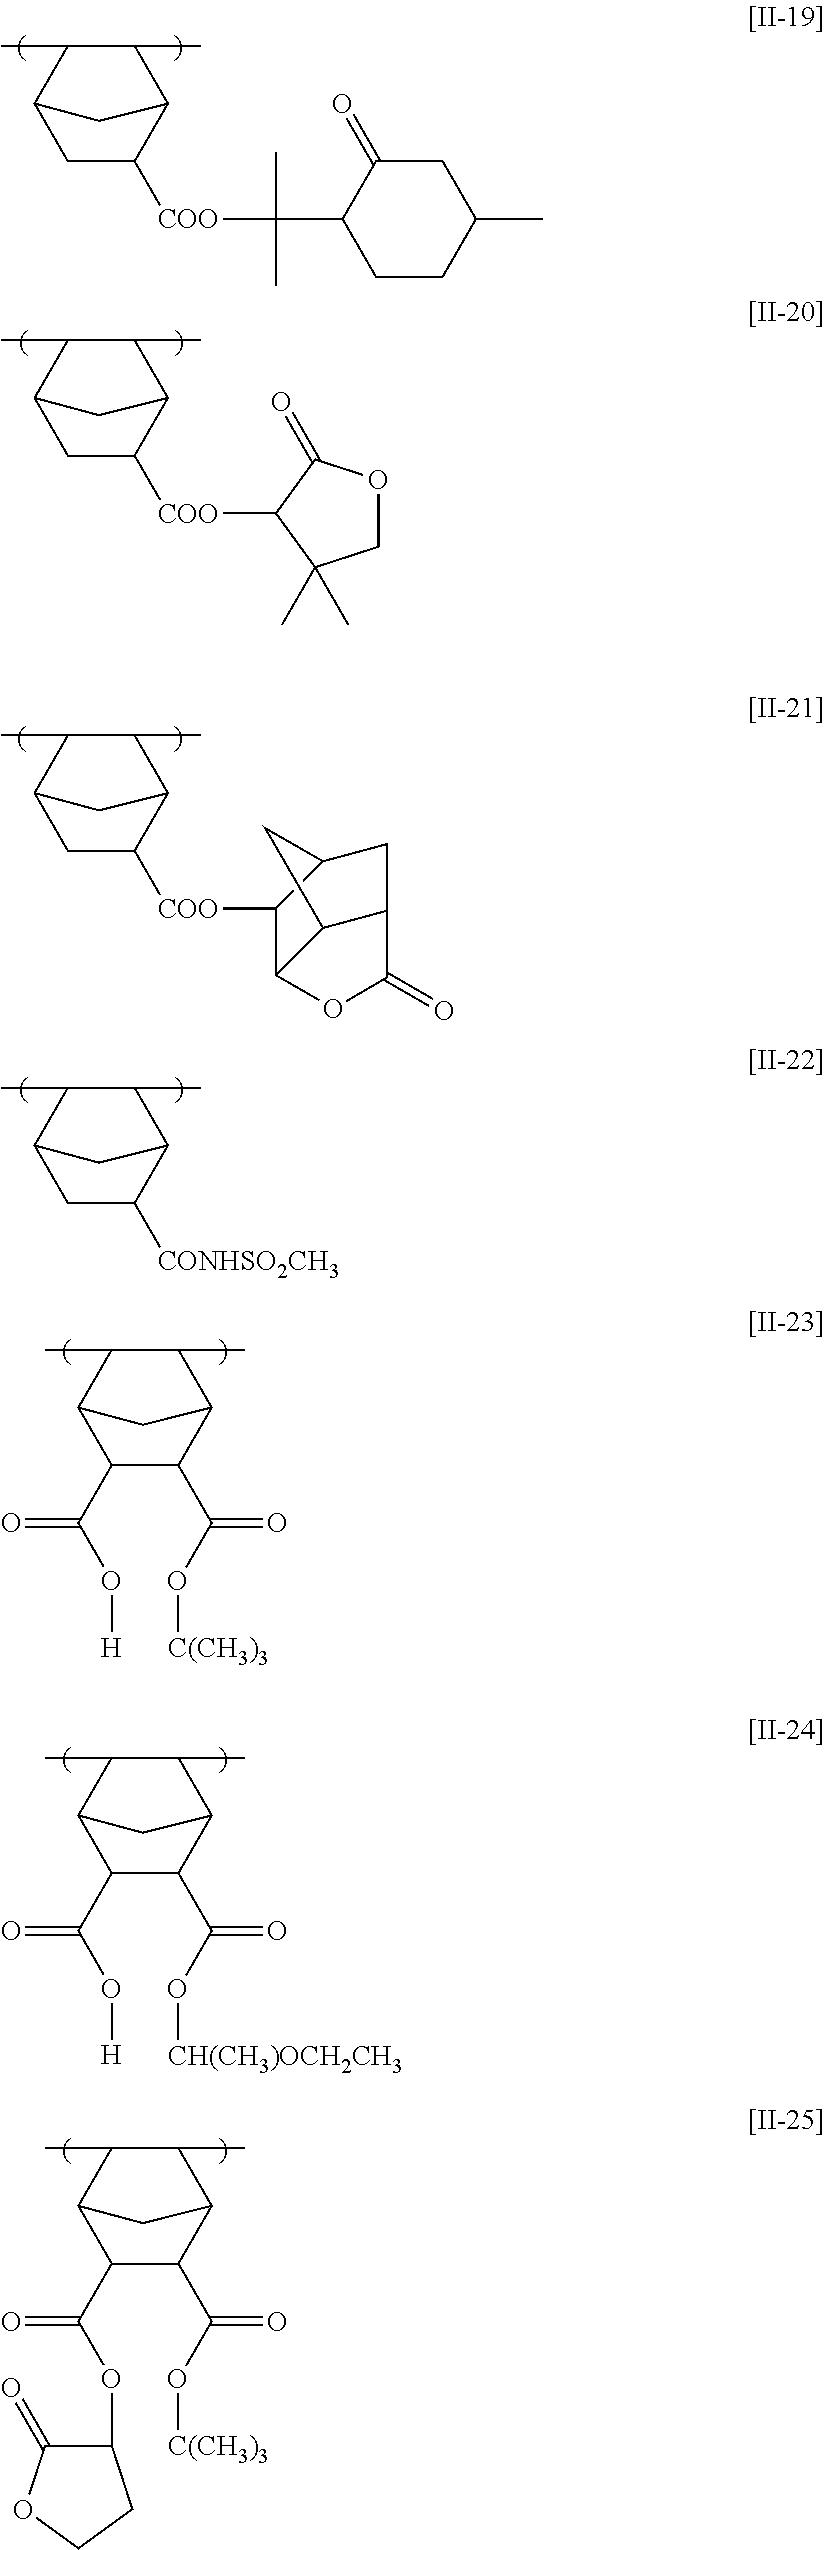 Figure US08071272-20111206-C00012